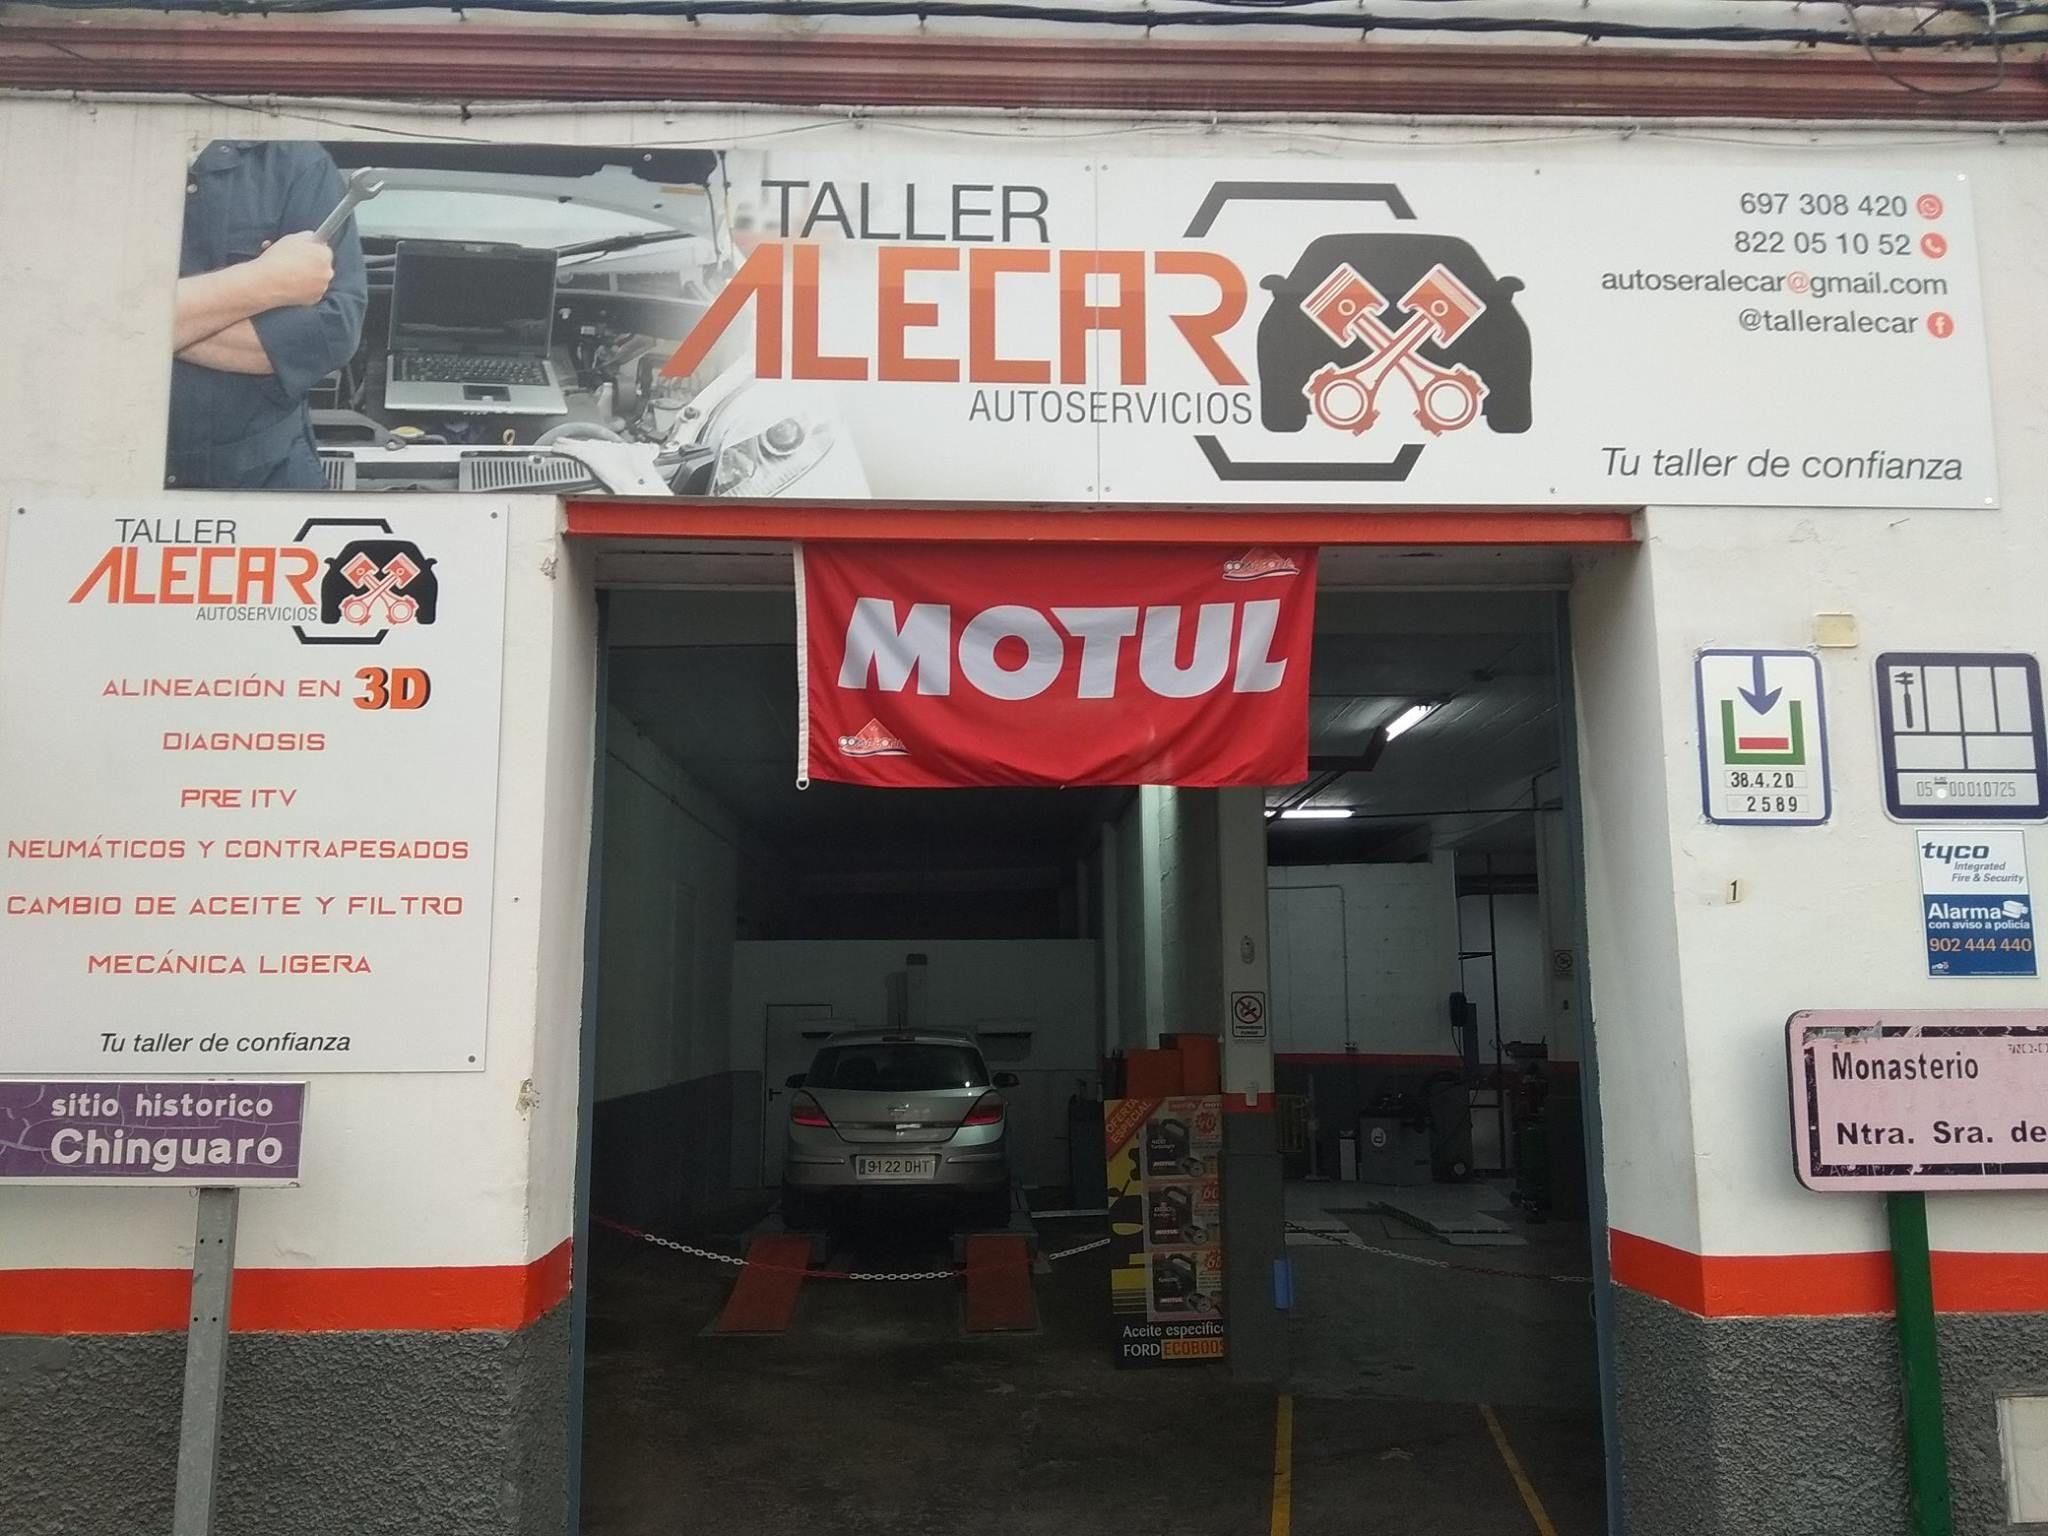 Especialidad en venta, montura y contrapesado de neumáticos